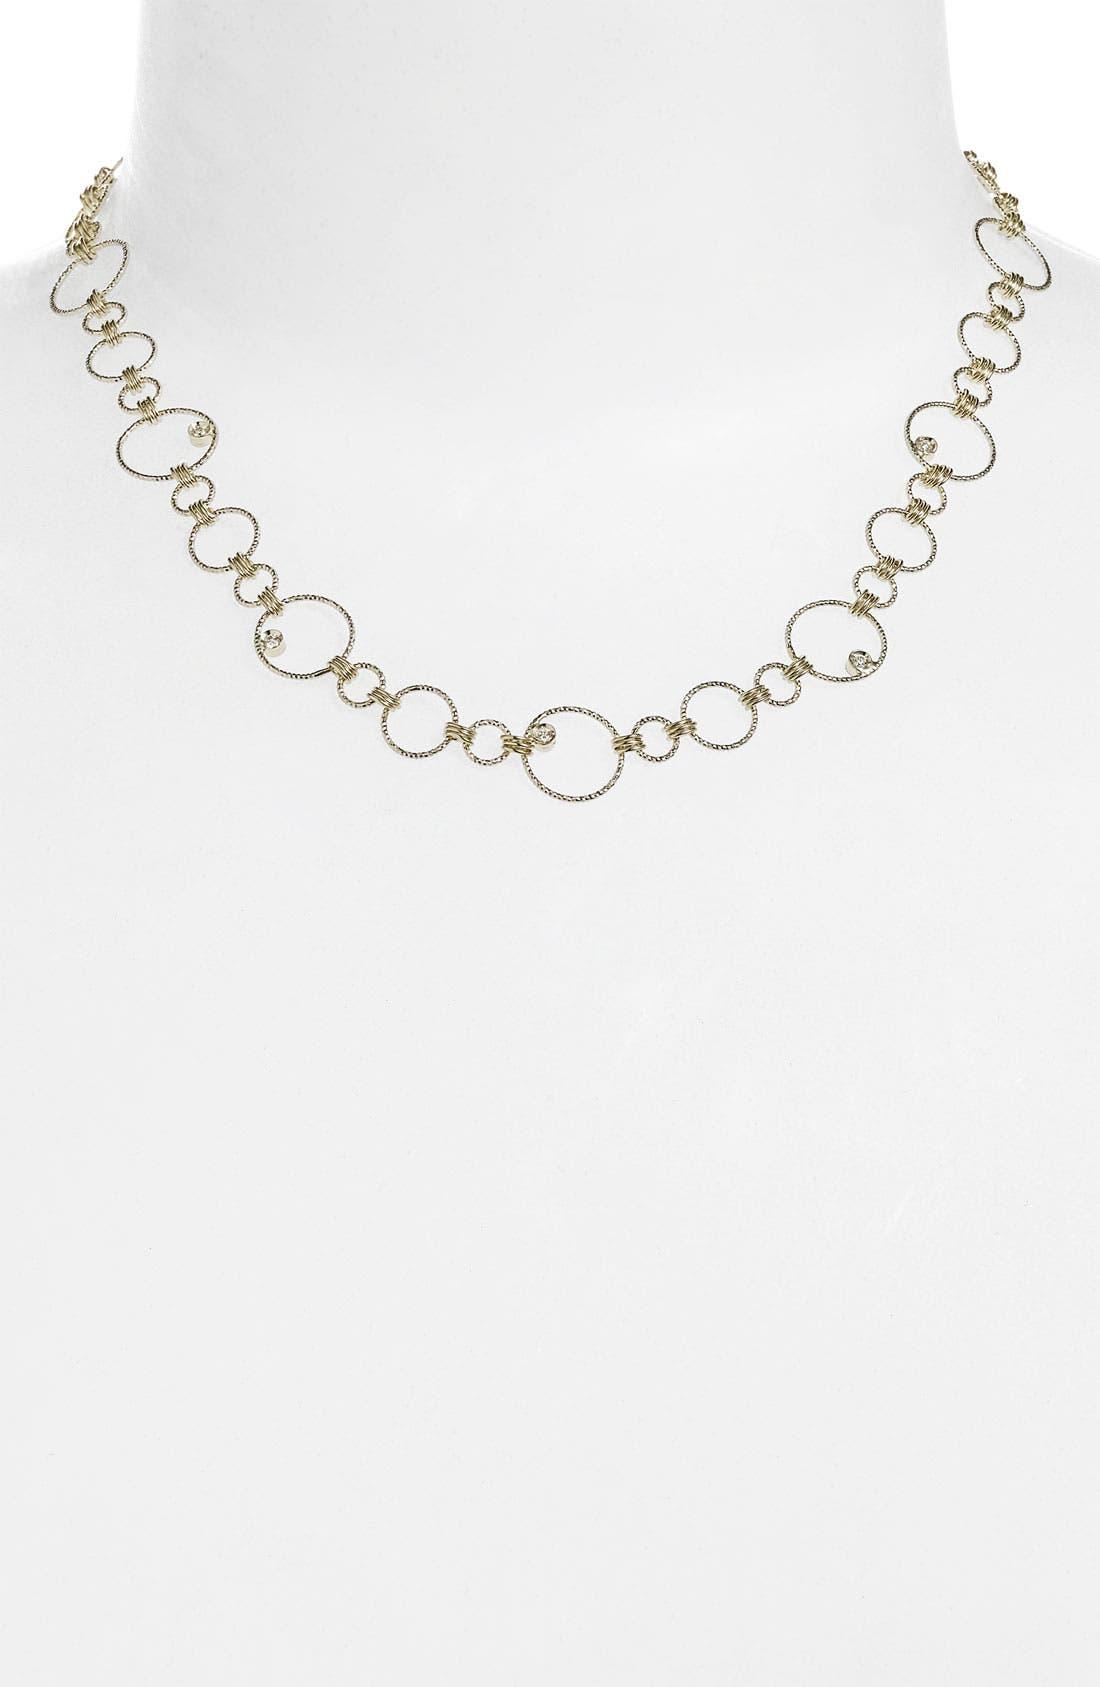 Alternate Image 1 Selected - Roberto Coin 'Moresque' Diamond Necklace